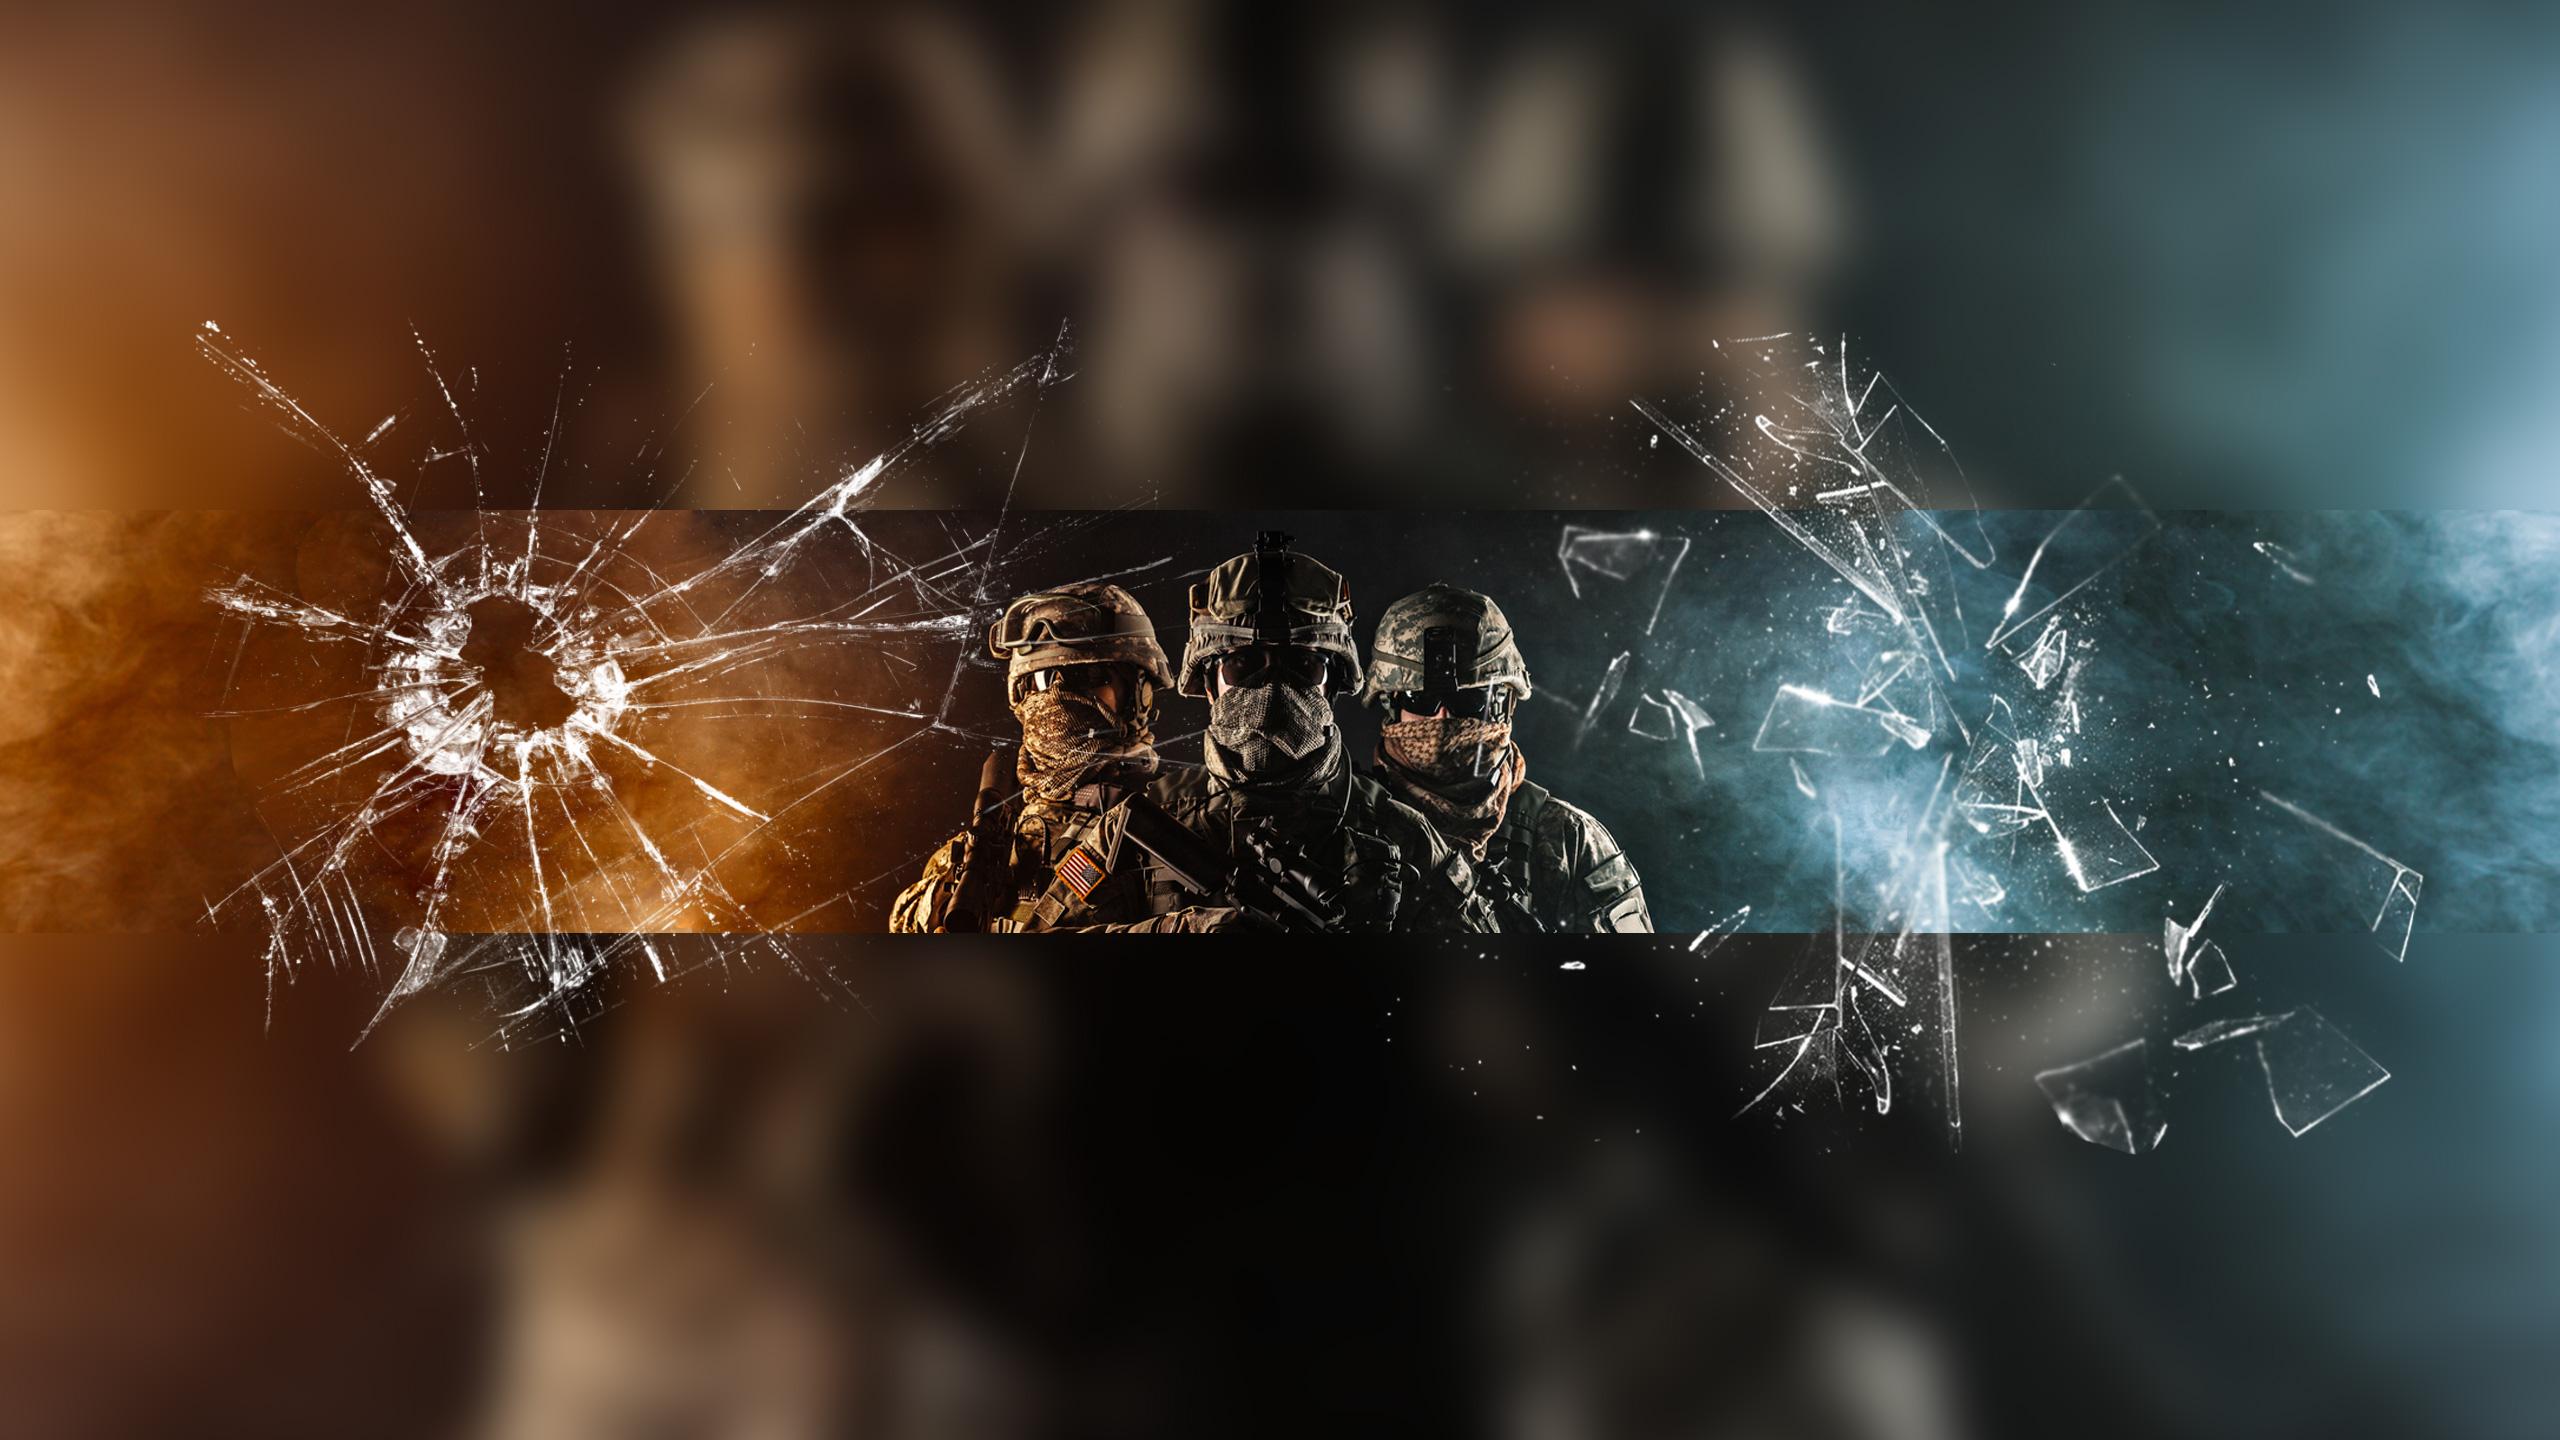 Картинка с пулевыми отверстиями и солдатами в военной униформе для шапки ютуба.